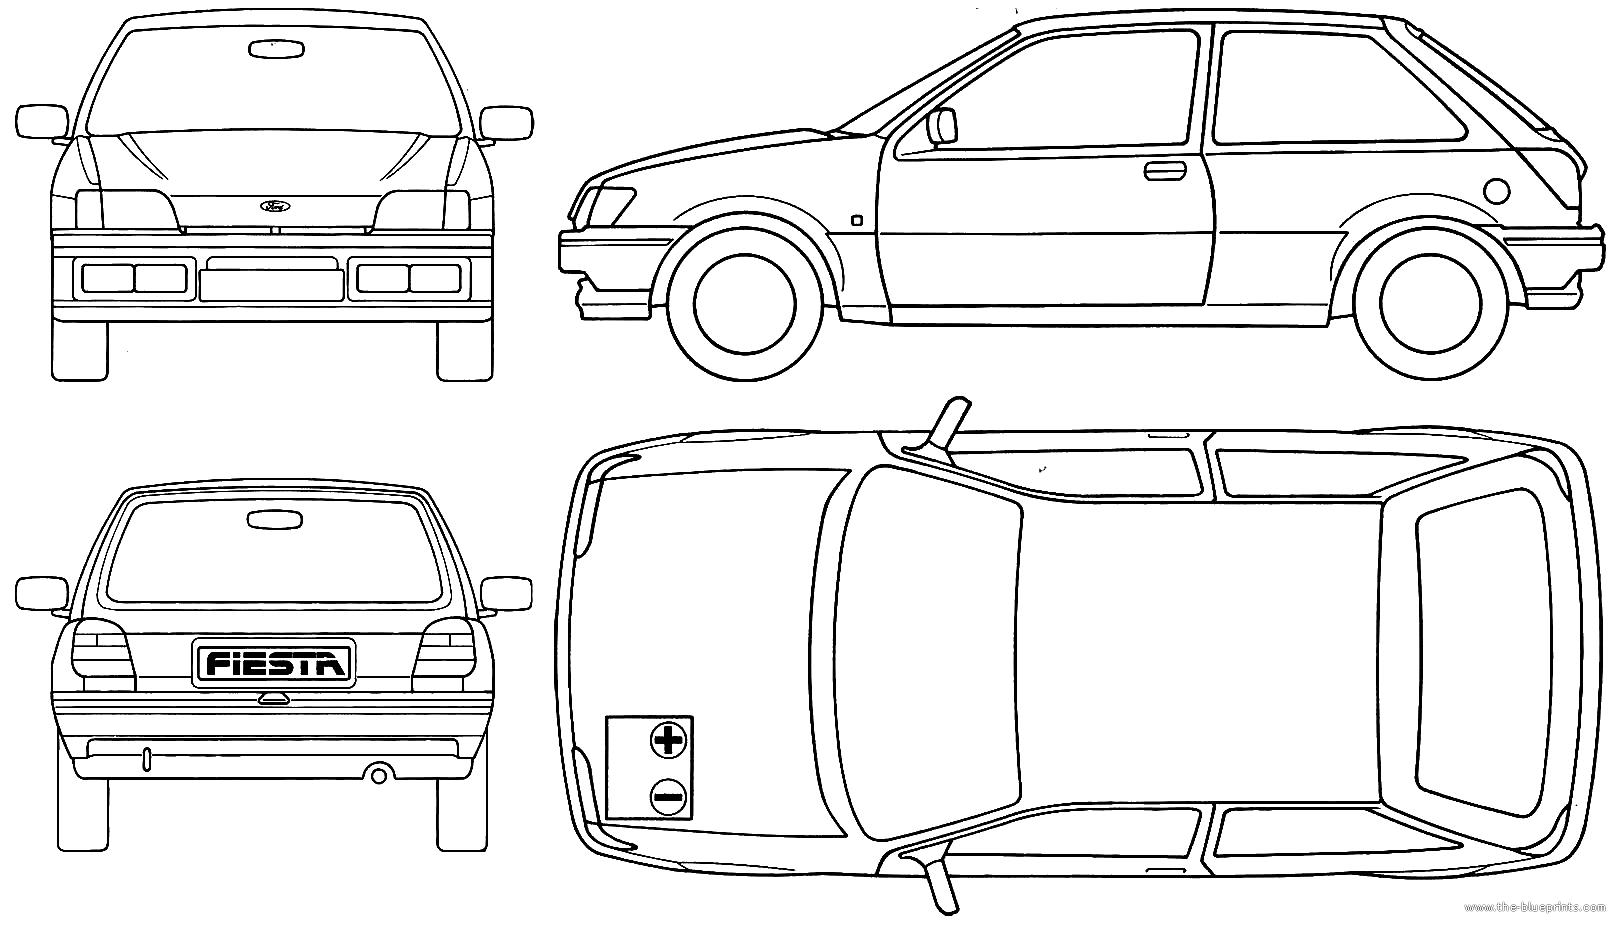 blueprints cars ford ford fiesta 3 door 1990. Black Bedroom Furniture Sets. Home Design Ideas